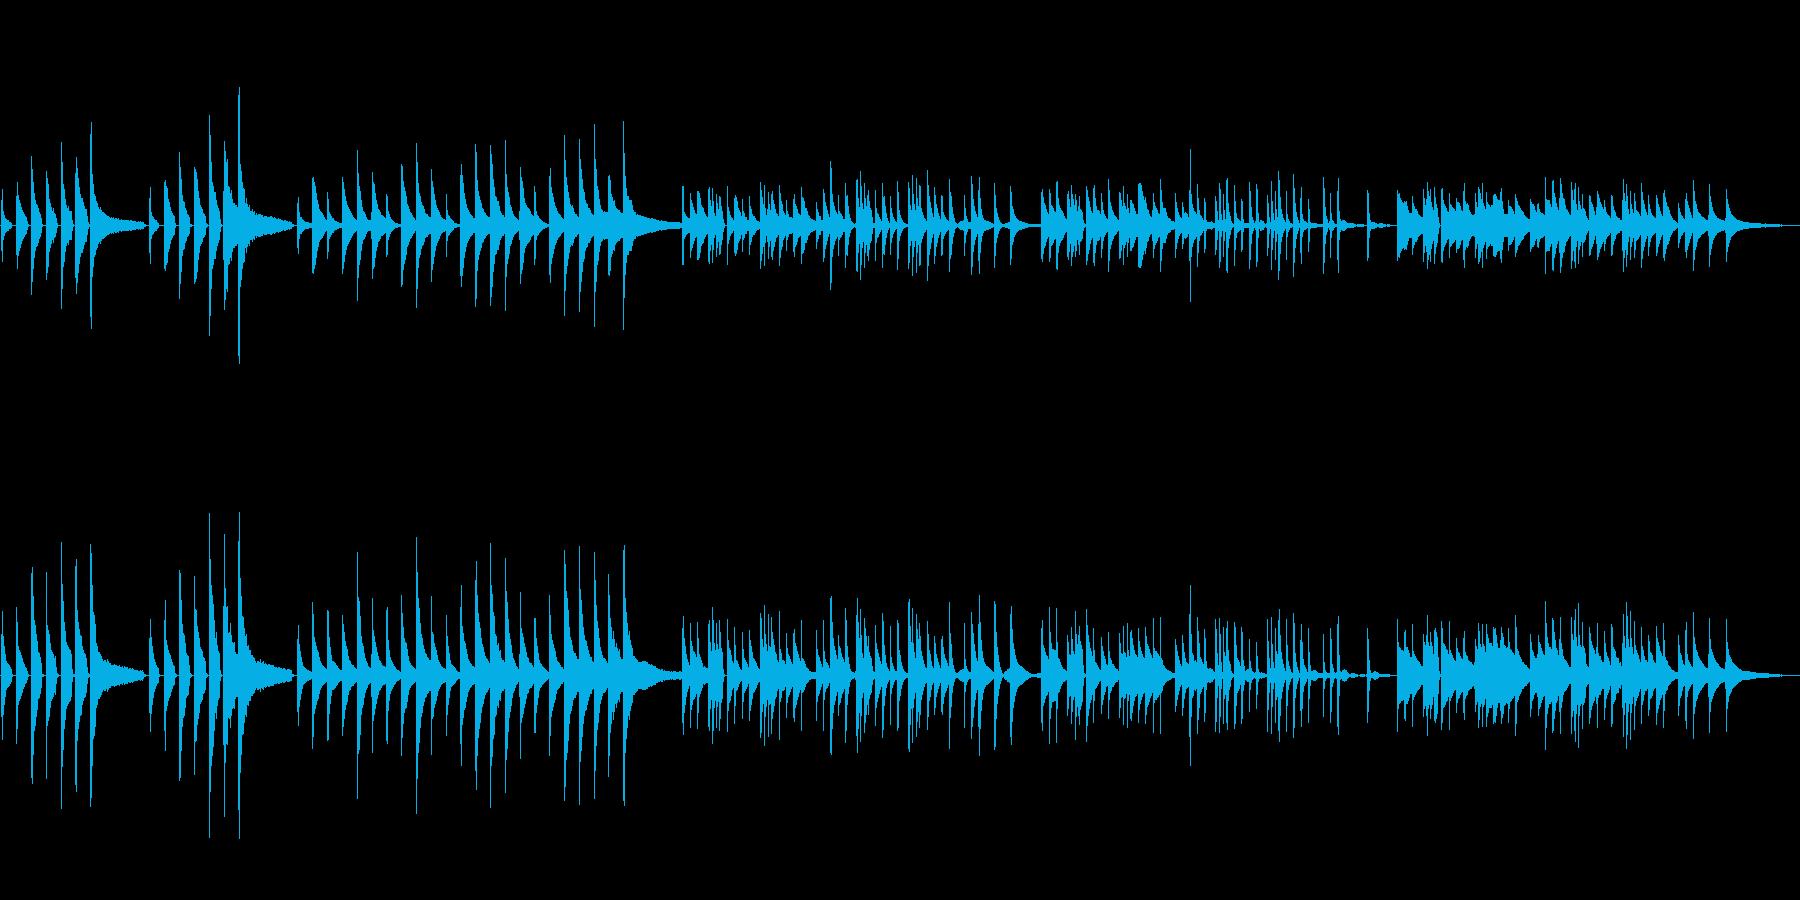 「波紋」美しく静かで不穏、ピアノソロの再生済みの波形